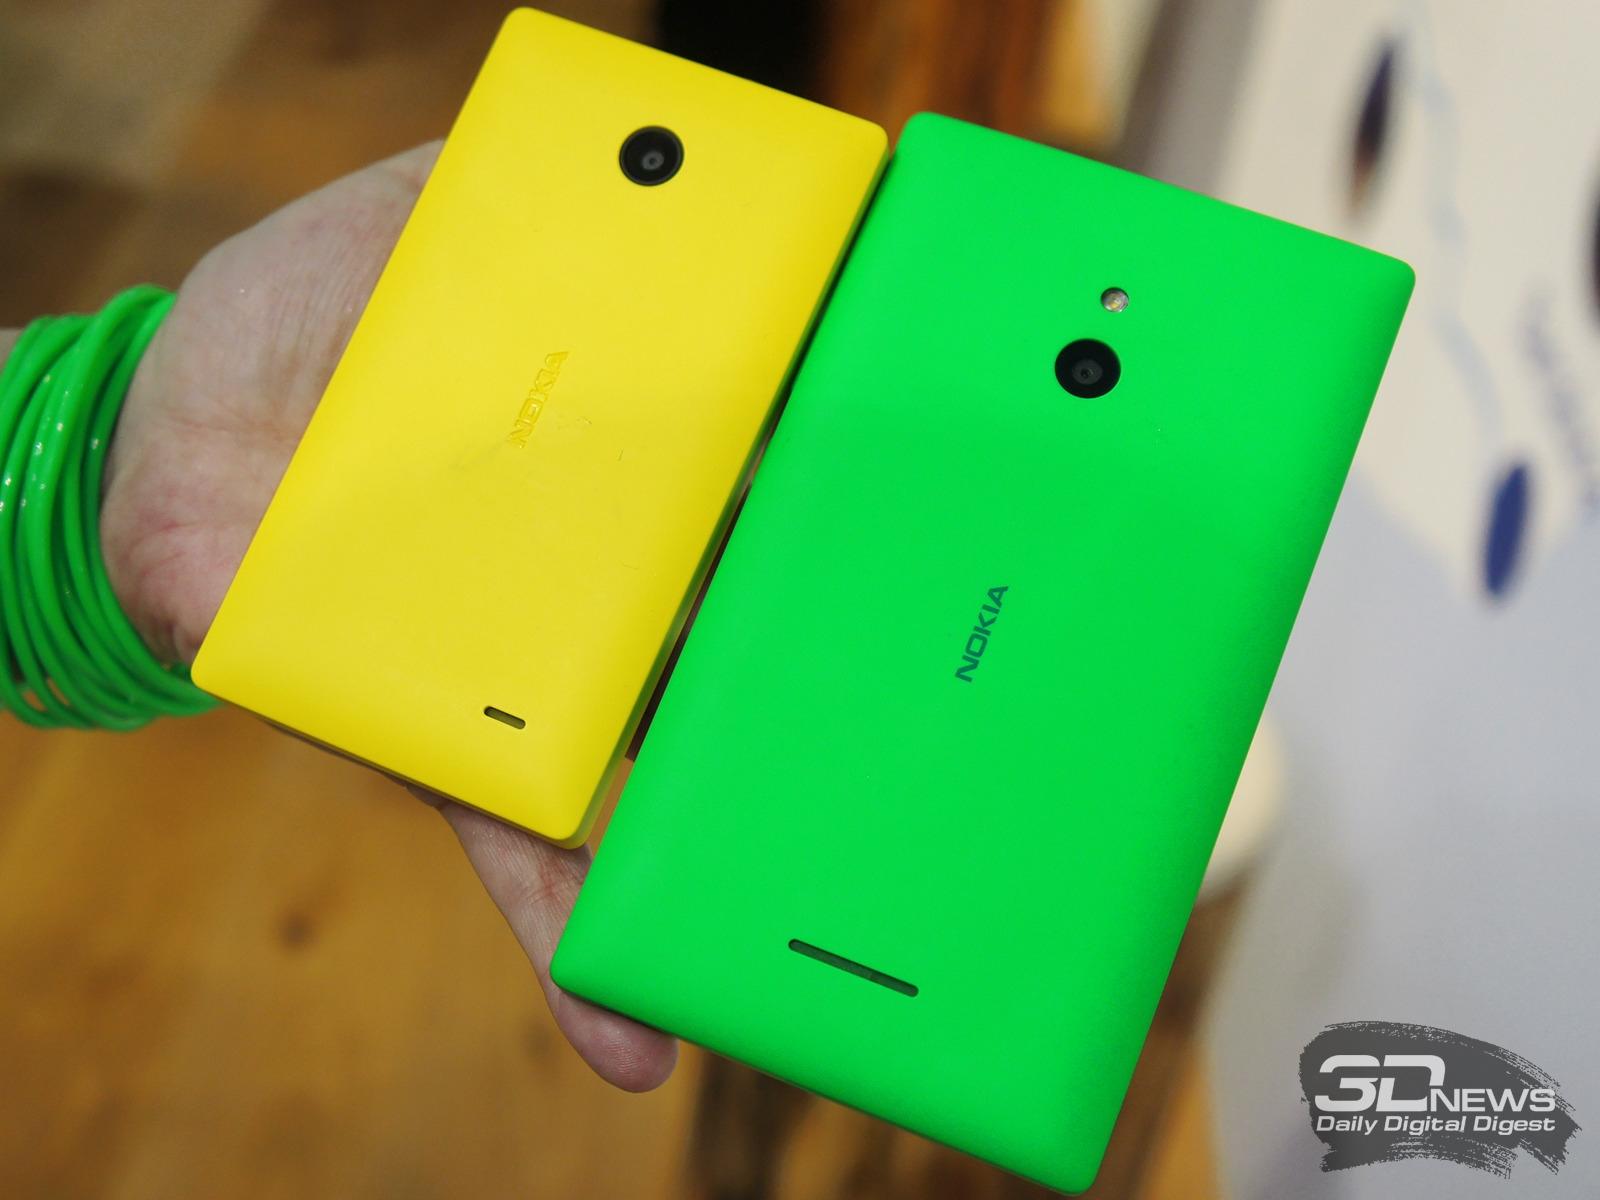 Mwc 2014 Nokia X Xl Yellow